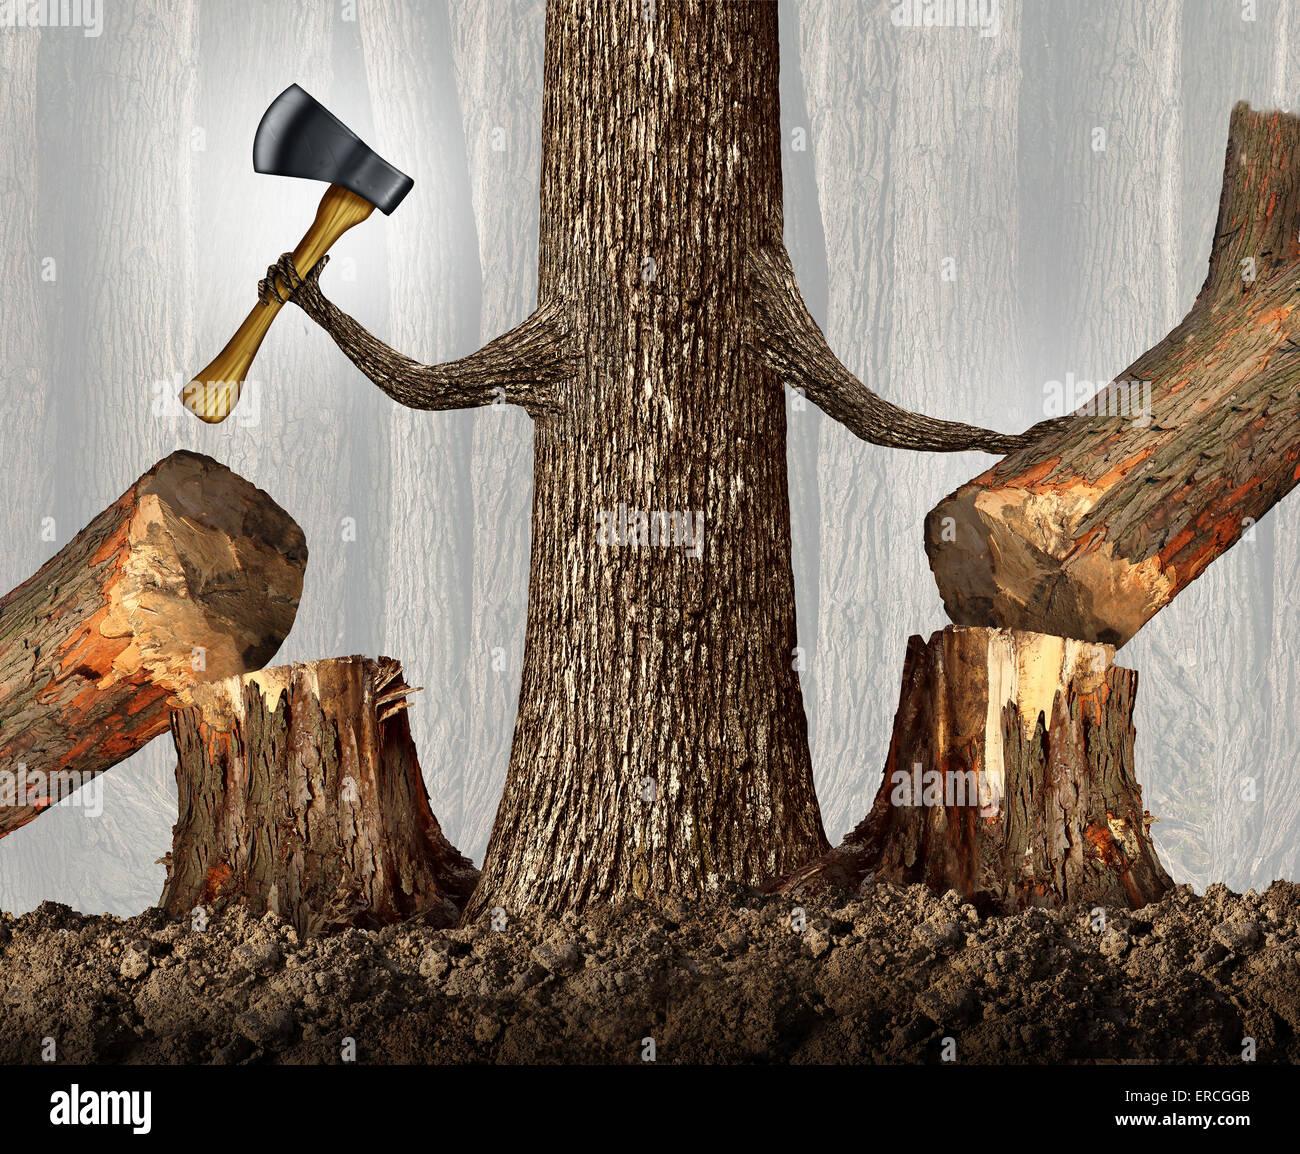 Wettbewerbsstrategie Konzept als rücksichtslose Baum Ausschaltung des Wettbewerbs durch Abholzen sie als eine Stockbild